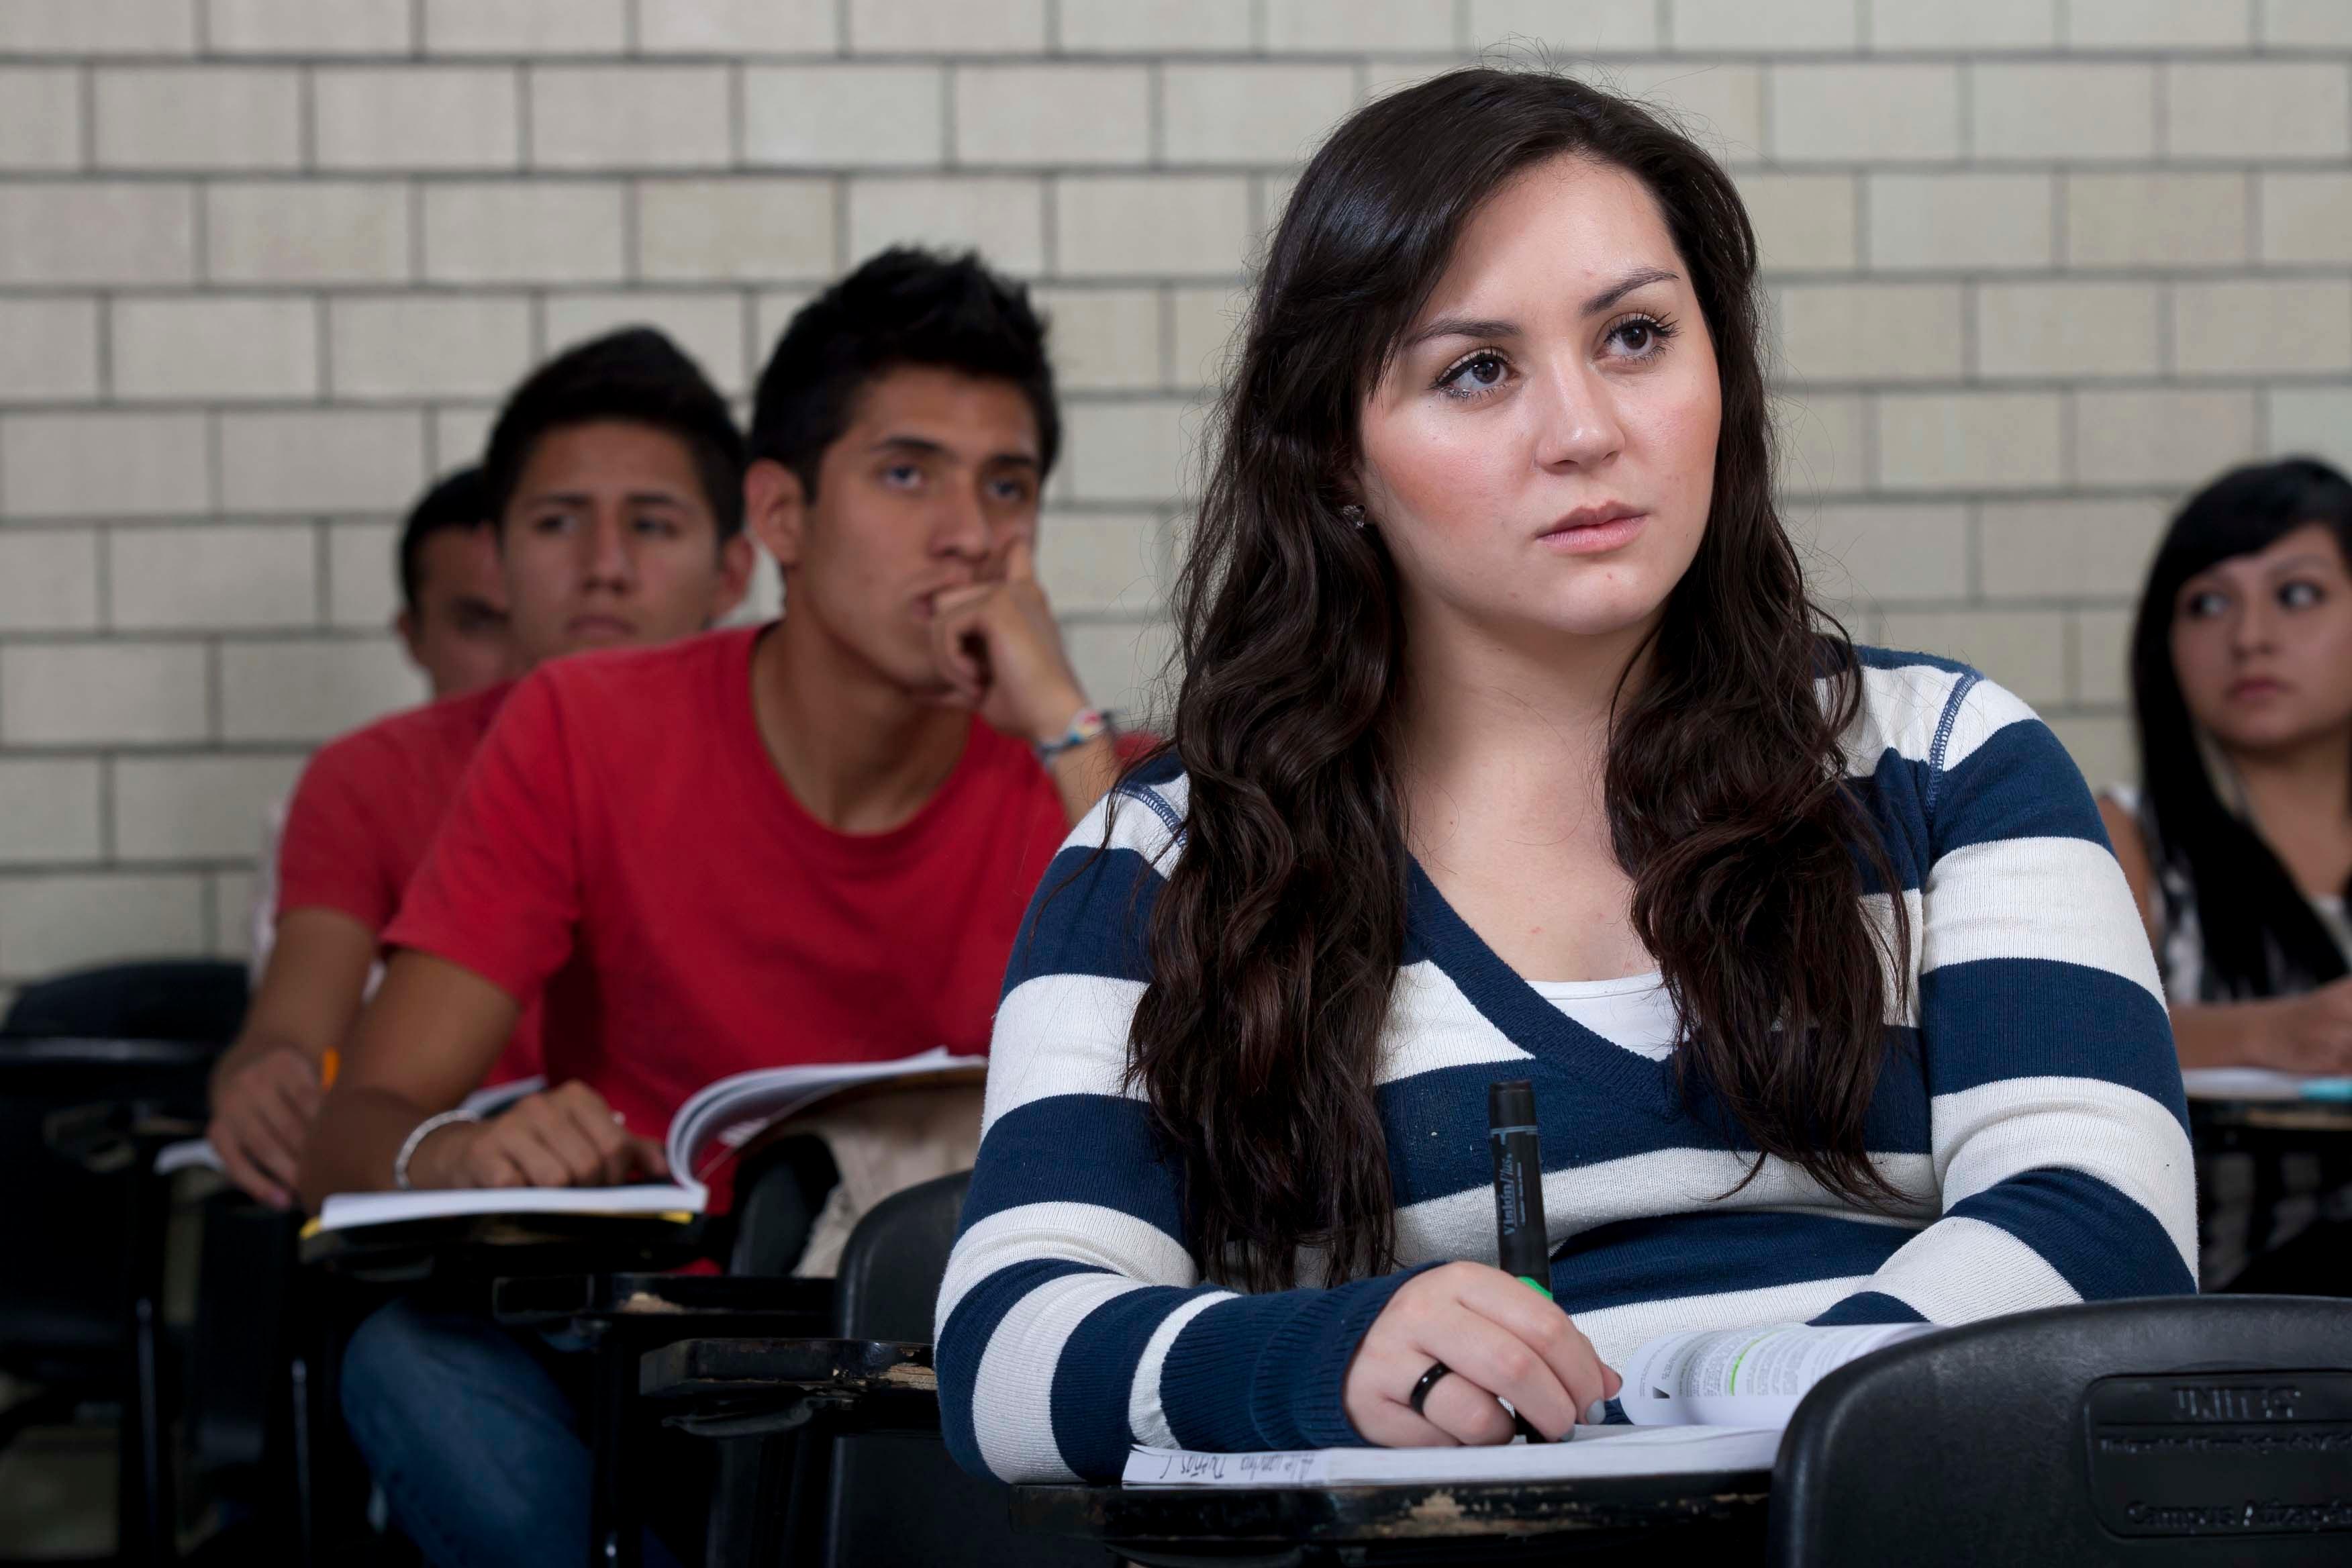 Así llegan y así egresan los estudiantes de una Licenciatura Ejecutiva UNITEC - Featured Image